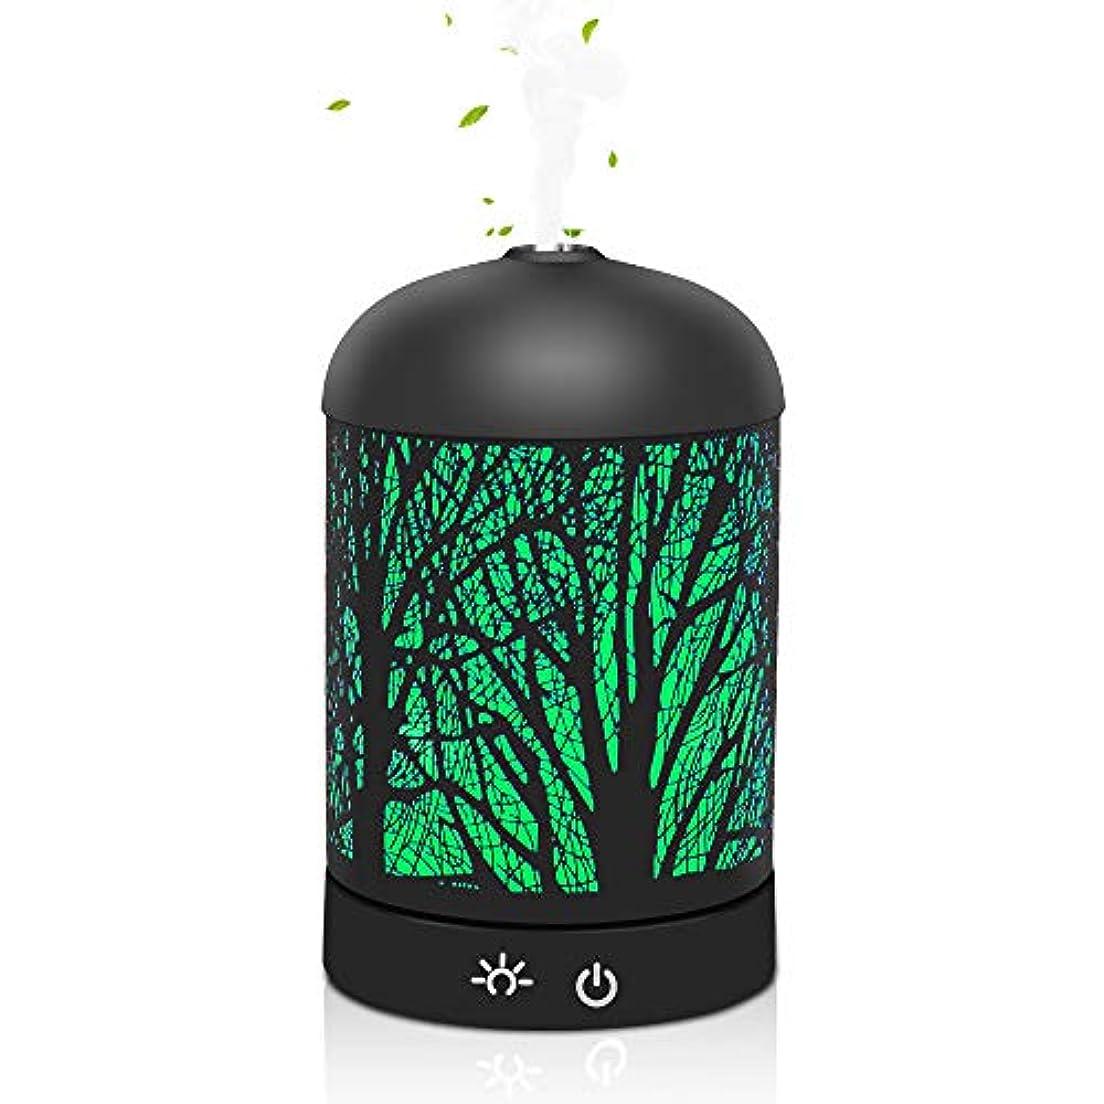 公園活気づくピットアロマテラピーエッセンシャルオイルディフューザー、純粋なエッセンシャルオイルアロマテラピーマシンクールミスト加湿器7色ライト、家庭用、仕事